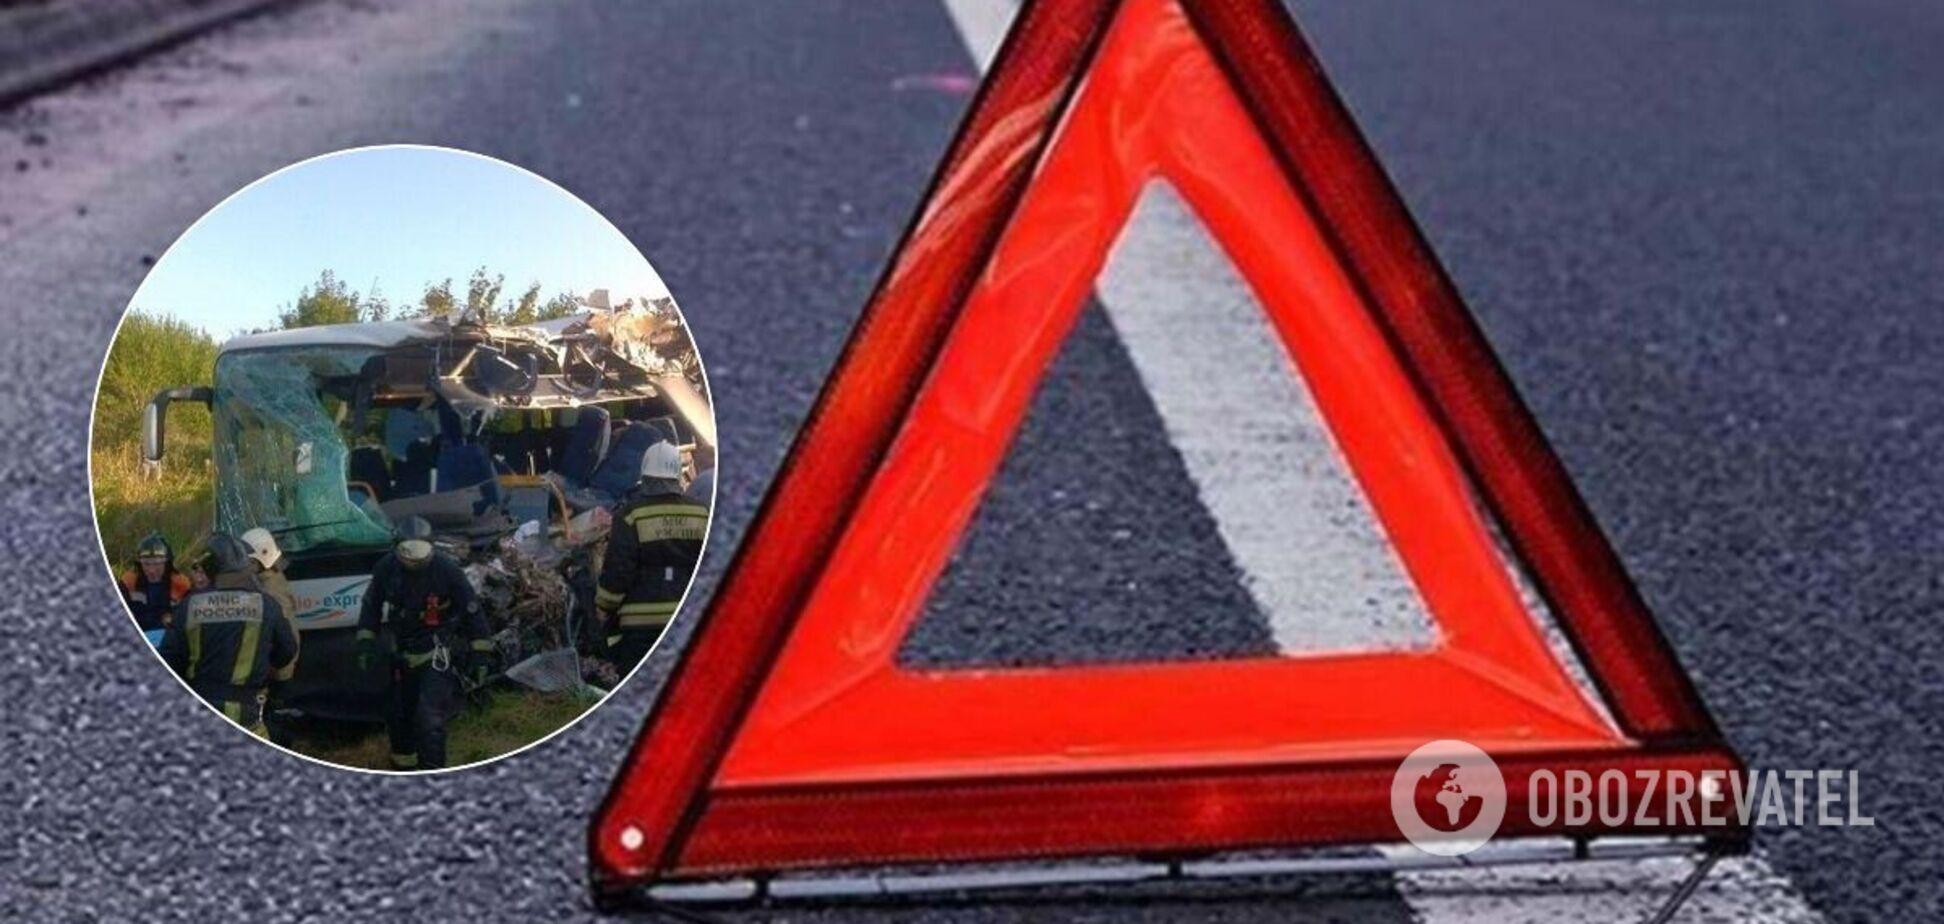 Семеро людей загинули в ДТП за участю автобуса під Калінінградом